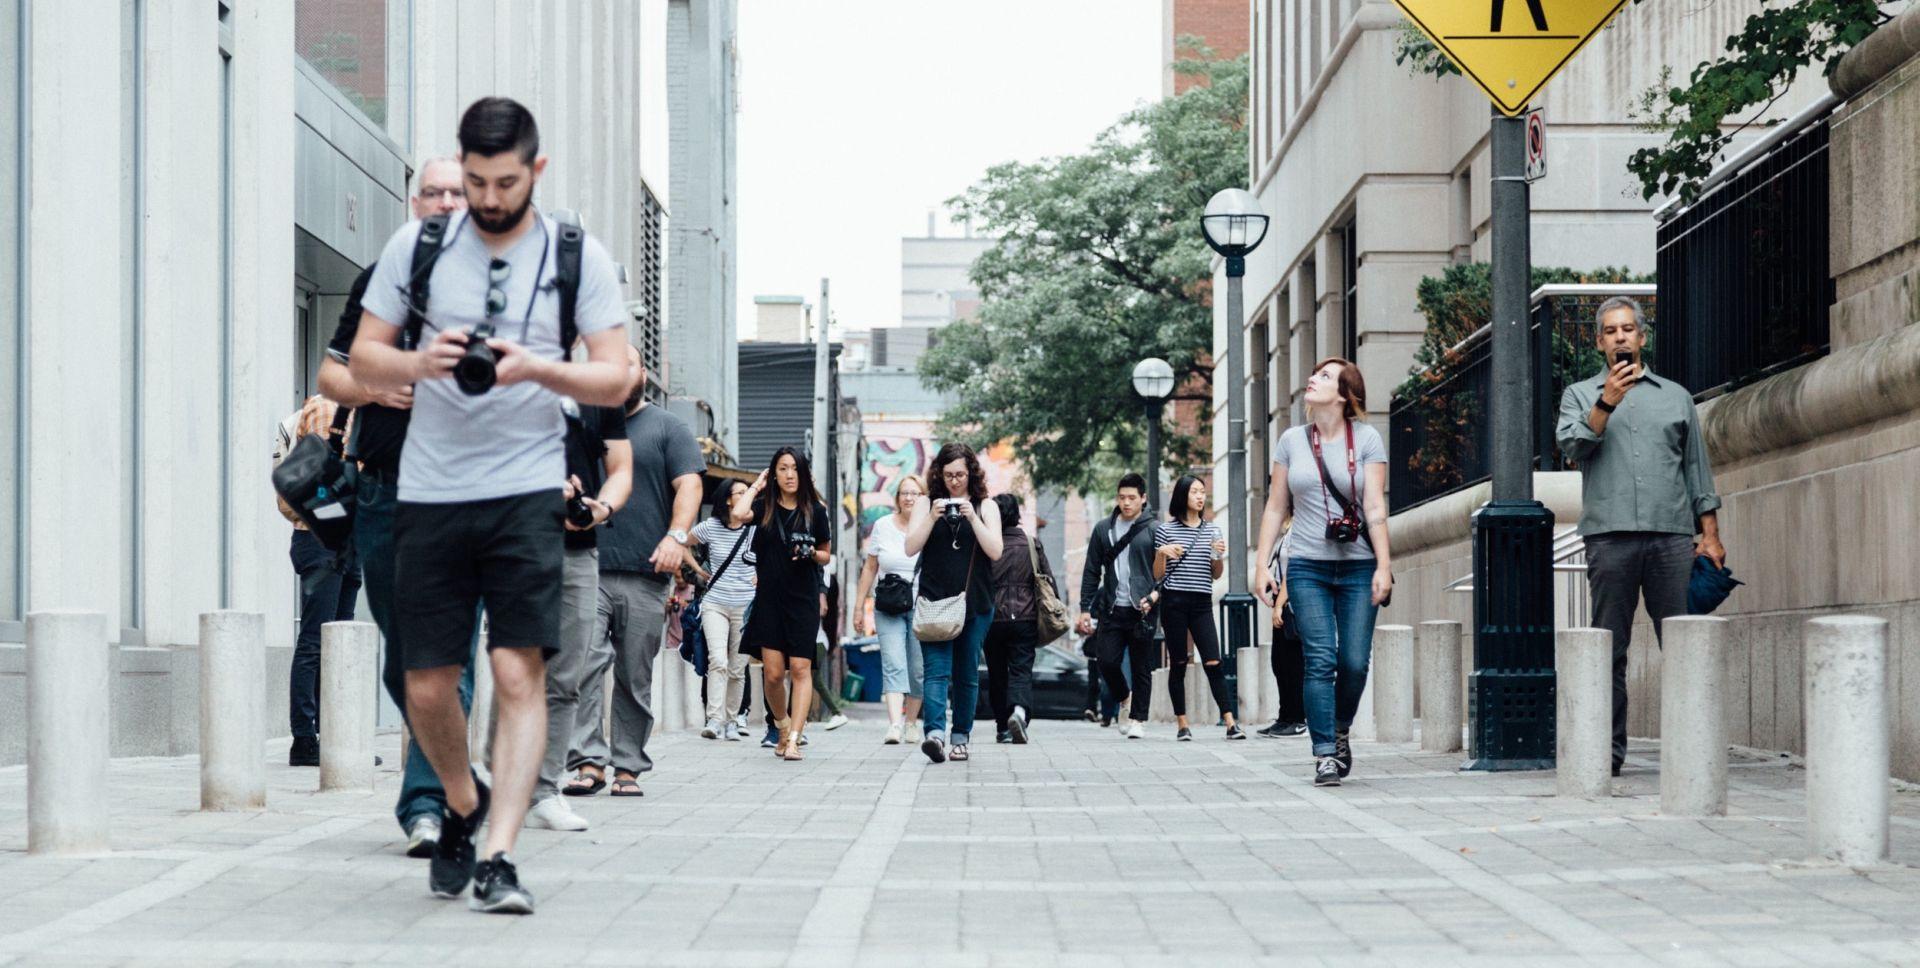 ISTRAŽIVANJE Za zdraviji život dnevno sat vremena hodanja